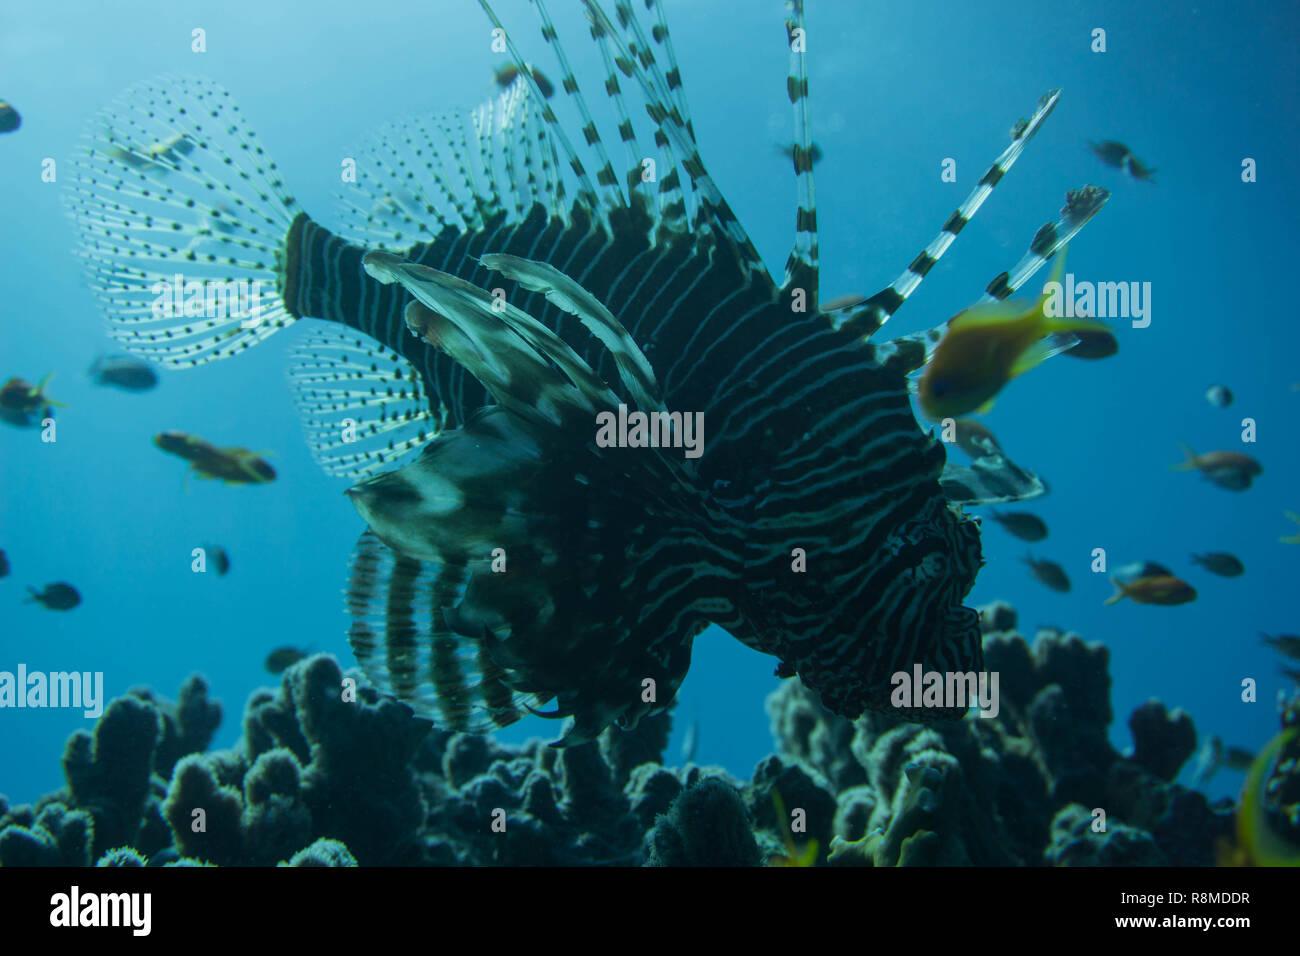 Viele Rotfeuerfische im Roten Meer entdeckt. Foto de stock